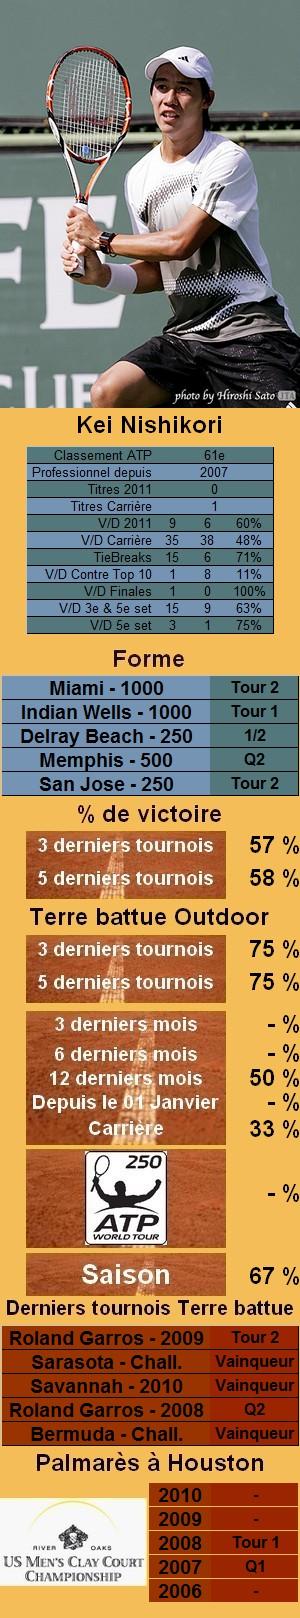 Les statistiques tennis de Kei Nishikori pour le tournoi de Houston